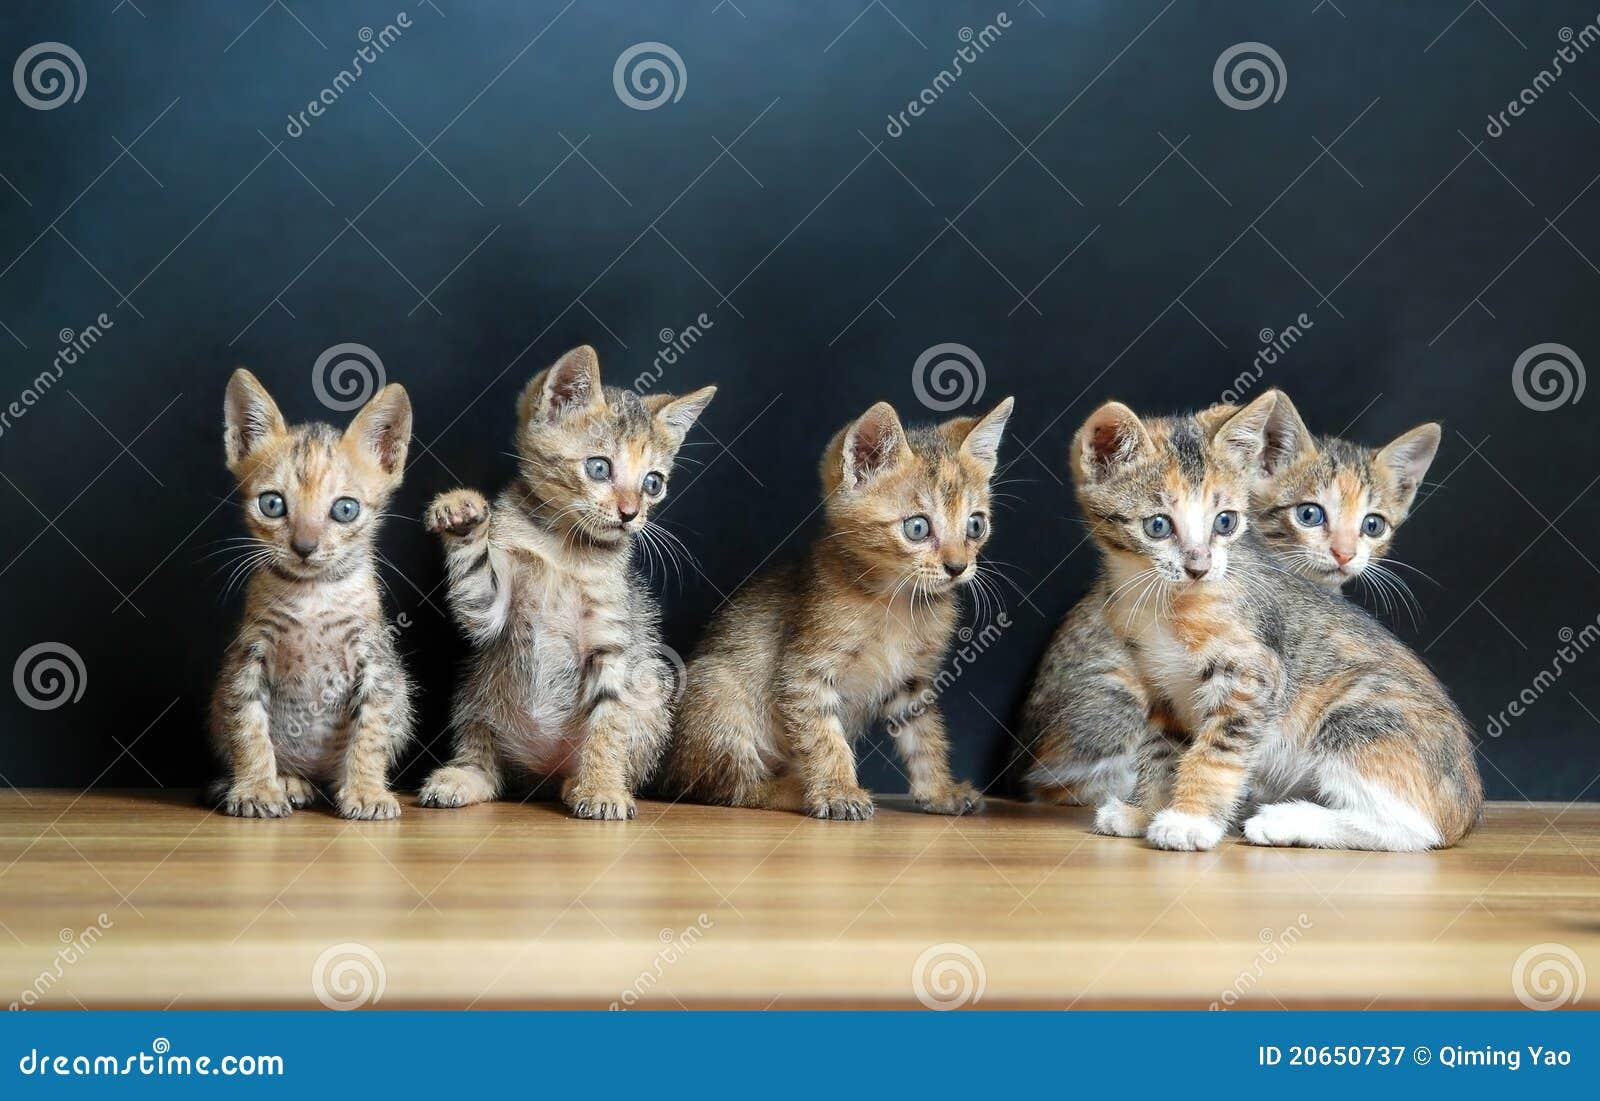 Cinco gatos lindos